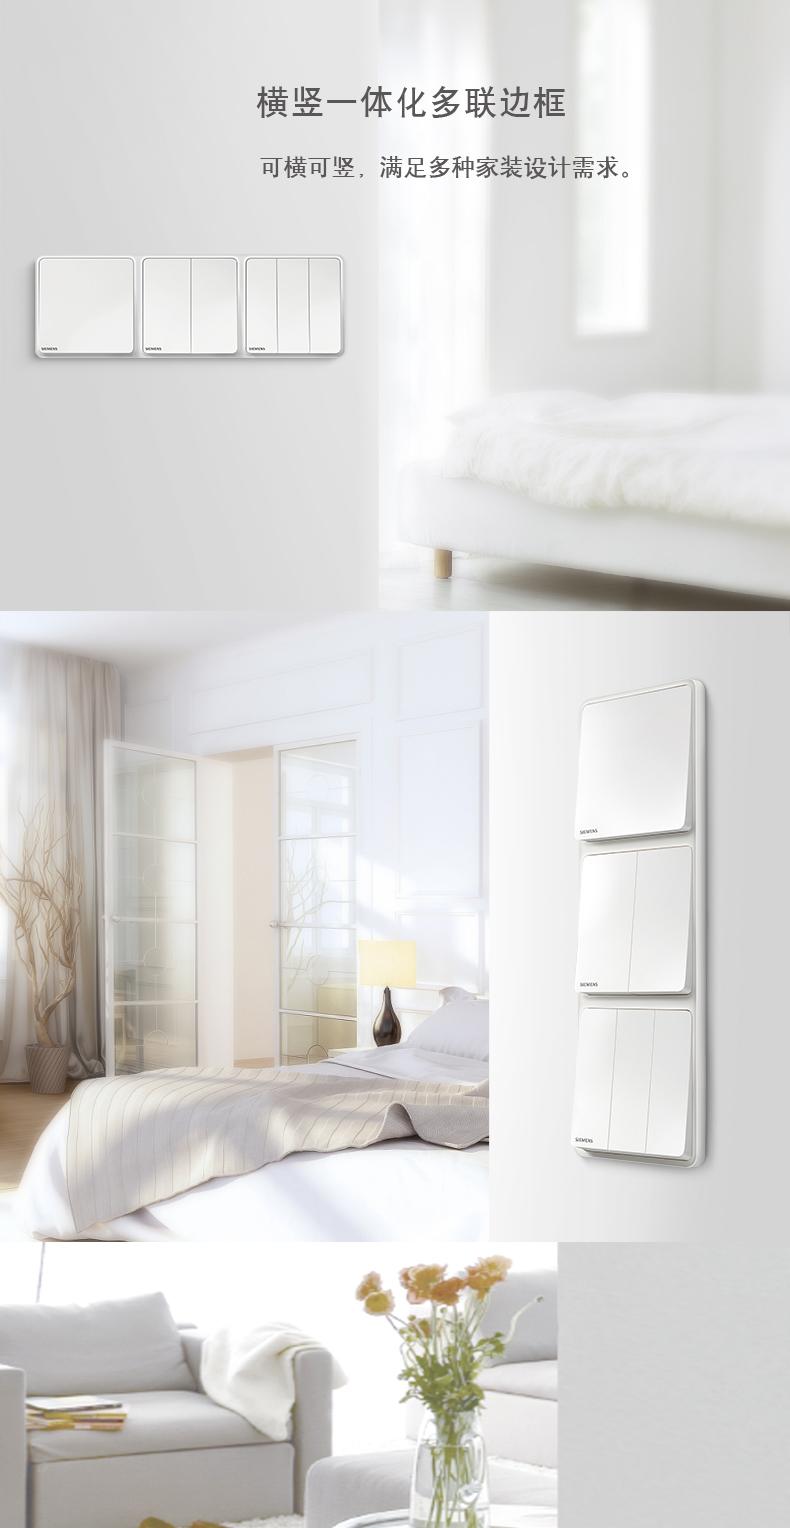 横竖一体化多联边框可横可竖,满足多种家装设计需求。-推好价 | 品质生活 精选好价